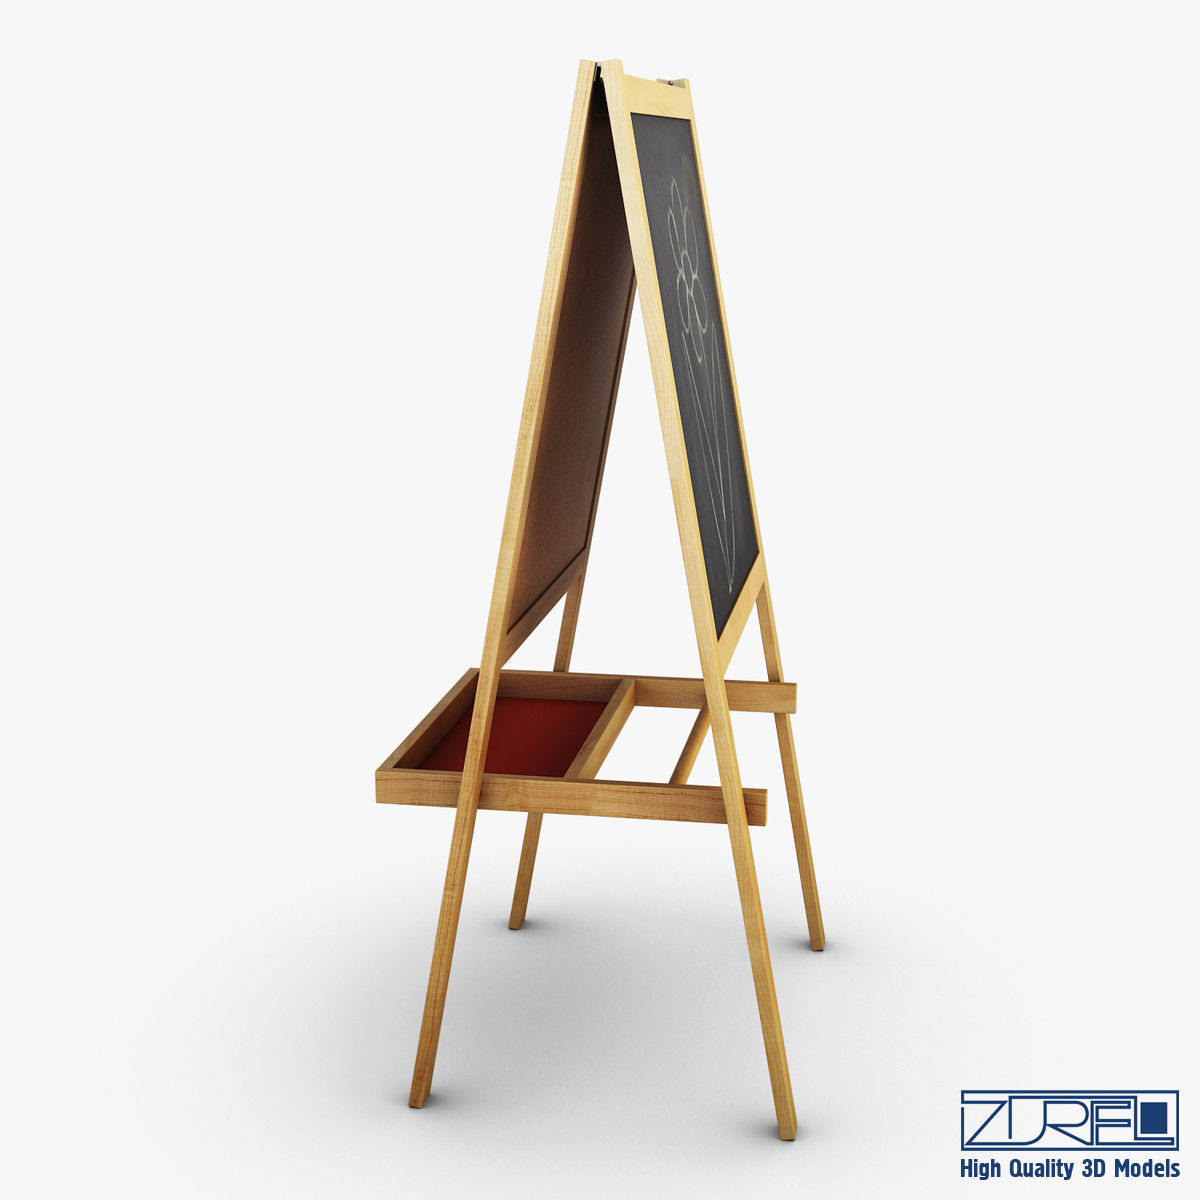 3d Model Ikea Mala Easel Vr Ar Low Poly Max Obj Mtl Fbx